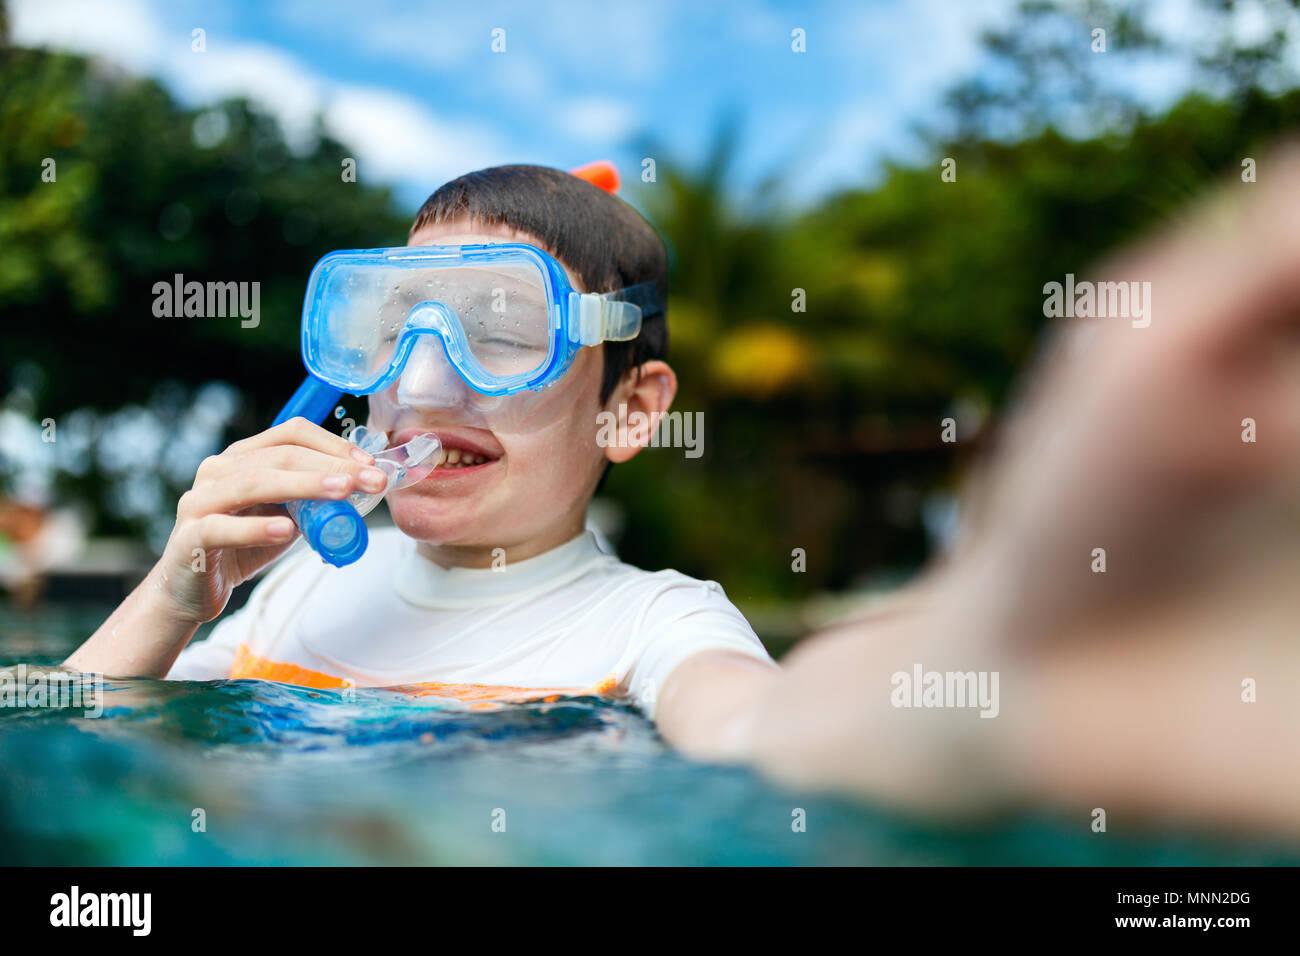 Süße Junge mit Schnorchelausrüstung, selfie in einem Wasser genießen Sommer Urlaub Stockfoto